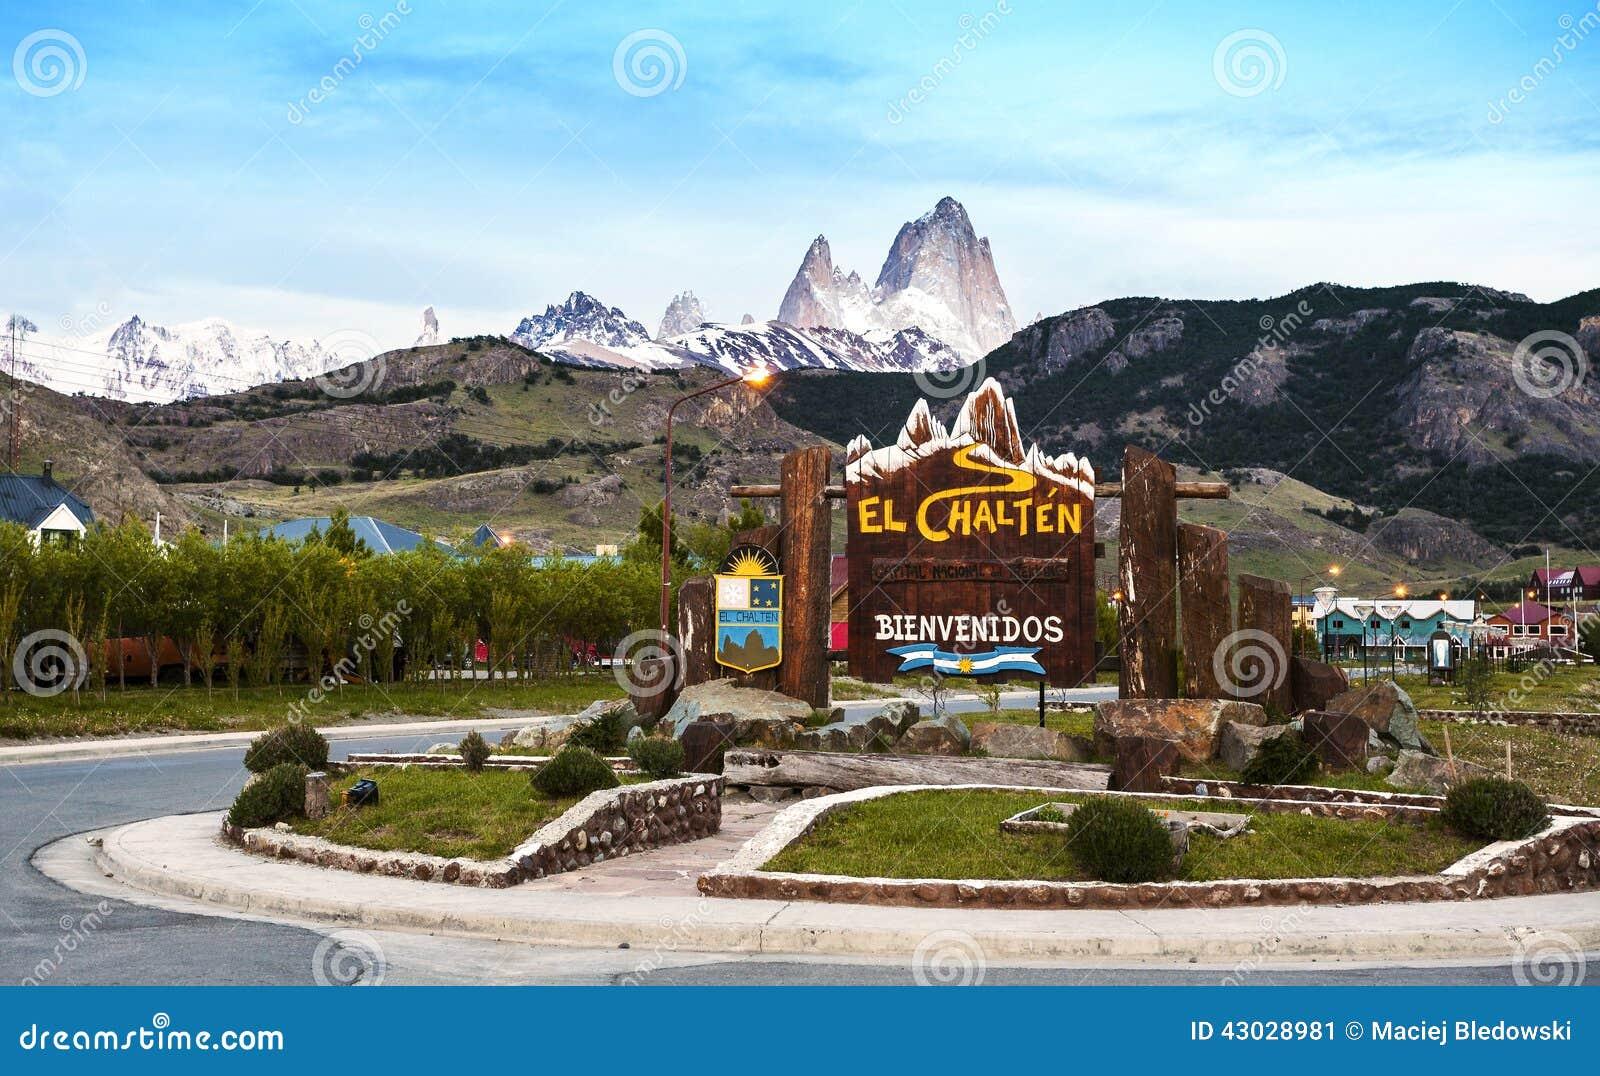 Welcome to El Chalten village sign. Fitz Roy